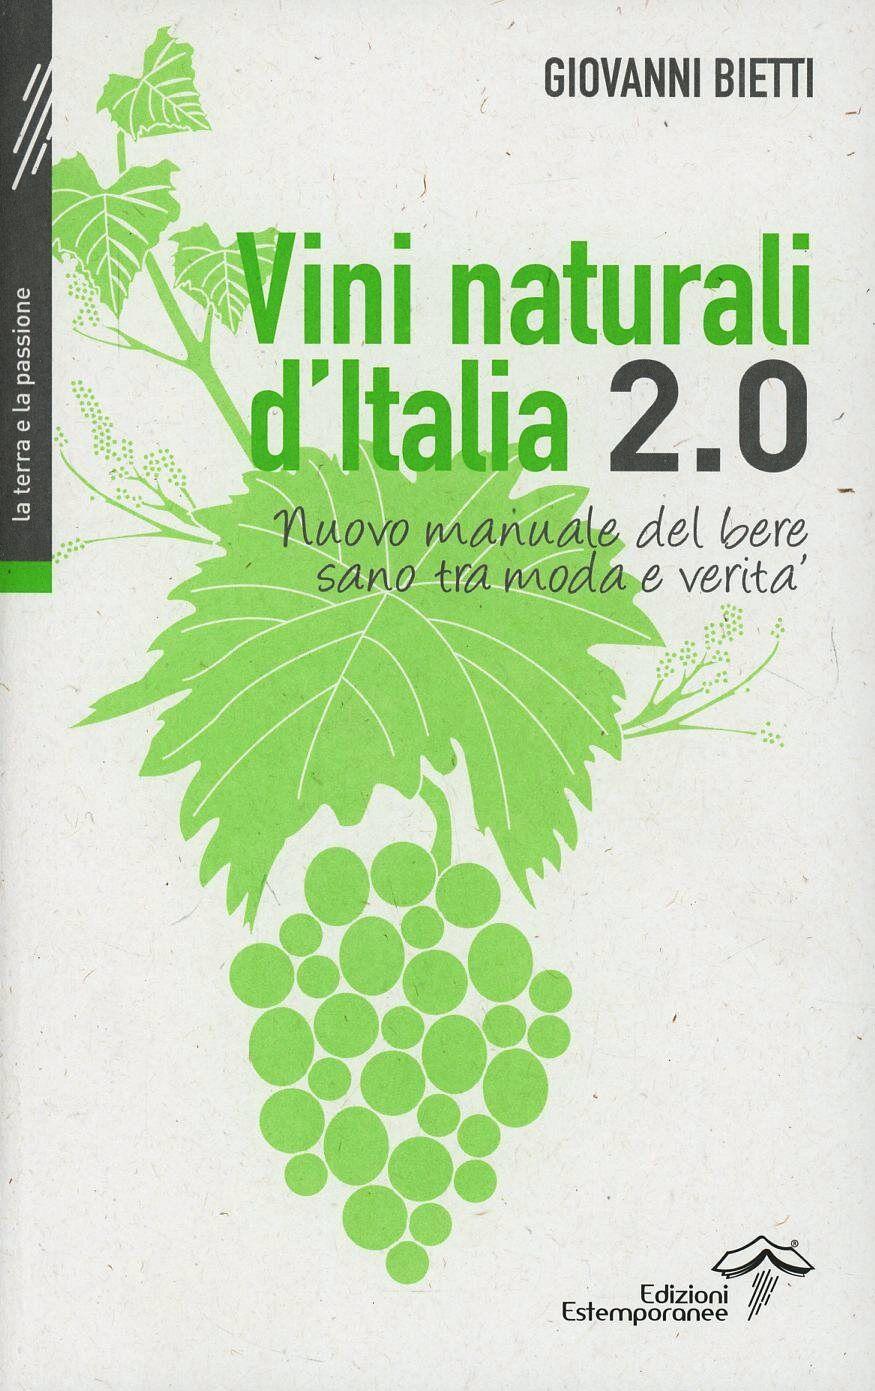 Vini naturali d'Italia 2.0. Nuovo manuale del bere sano tra moda e verità